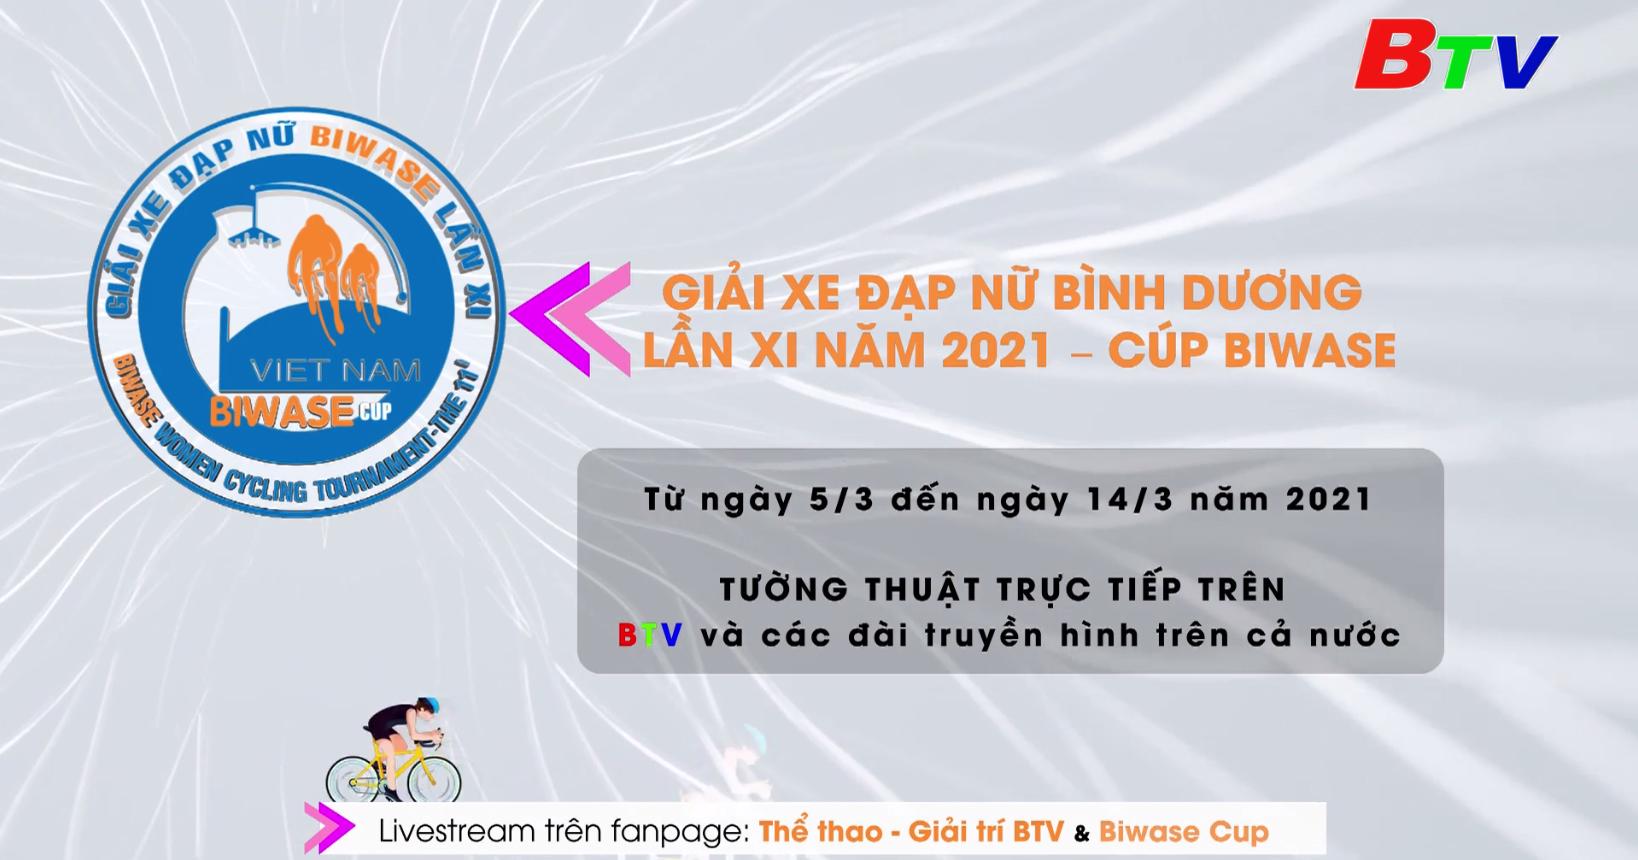 Giải Xe đạp nữ Bình Dương lần XI năm 2021 - Cúp Biwase – Sân chơi đỉnh cao, nơi tinh thần phụ nữ tỏa sáng